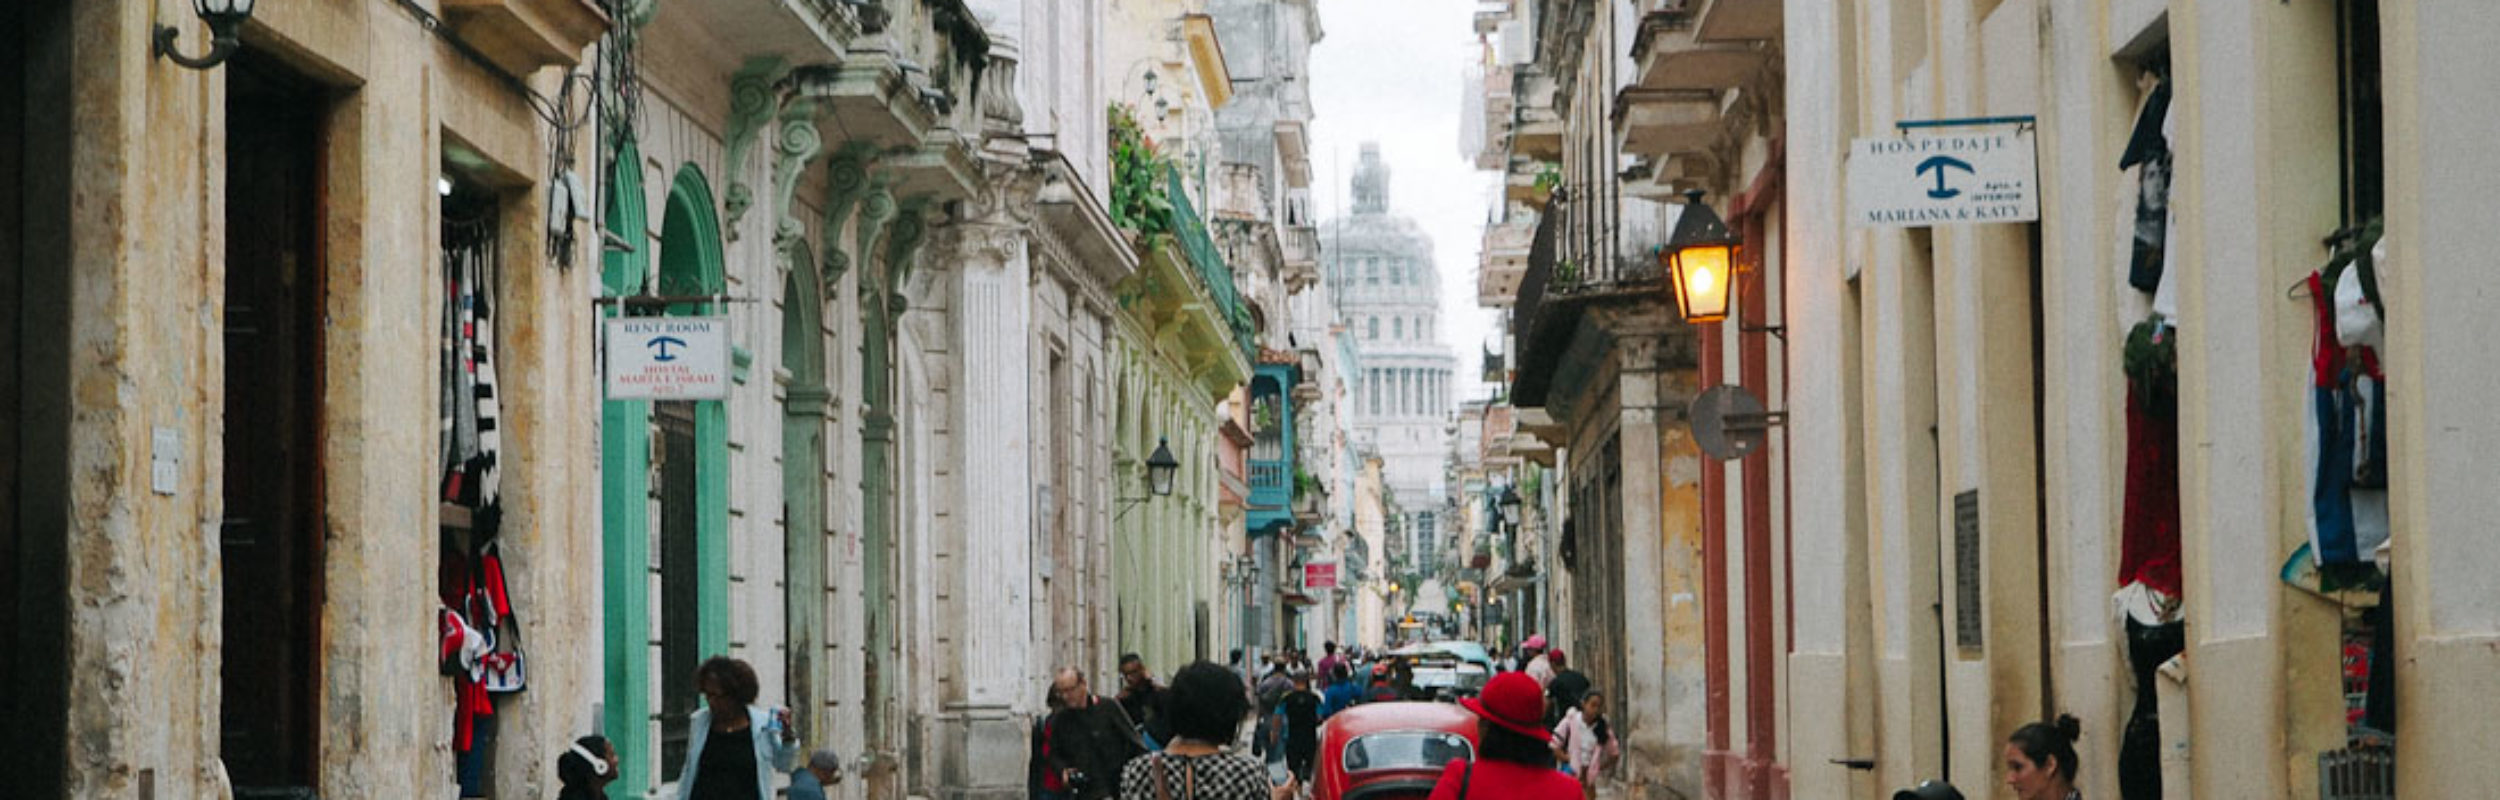 La Havane : La Vieille Havane ou le charme de l'architecture cubaine